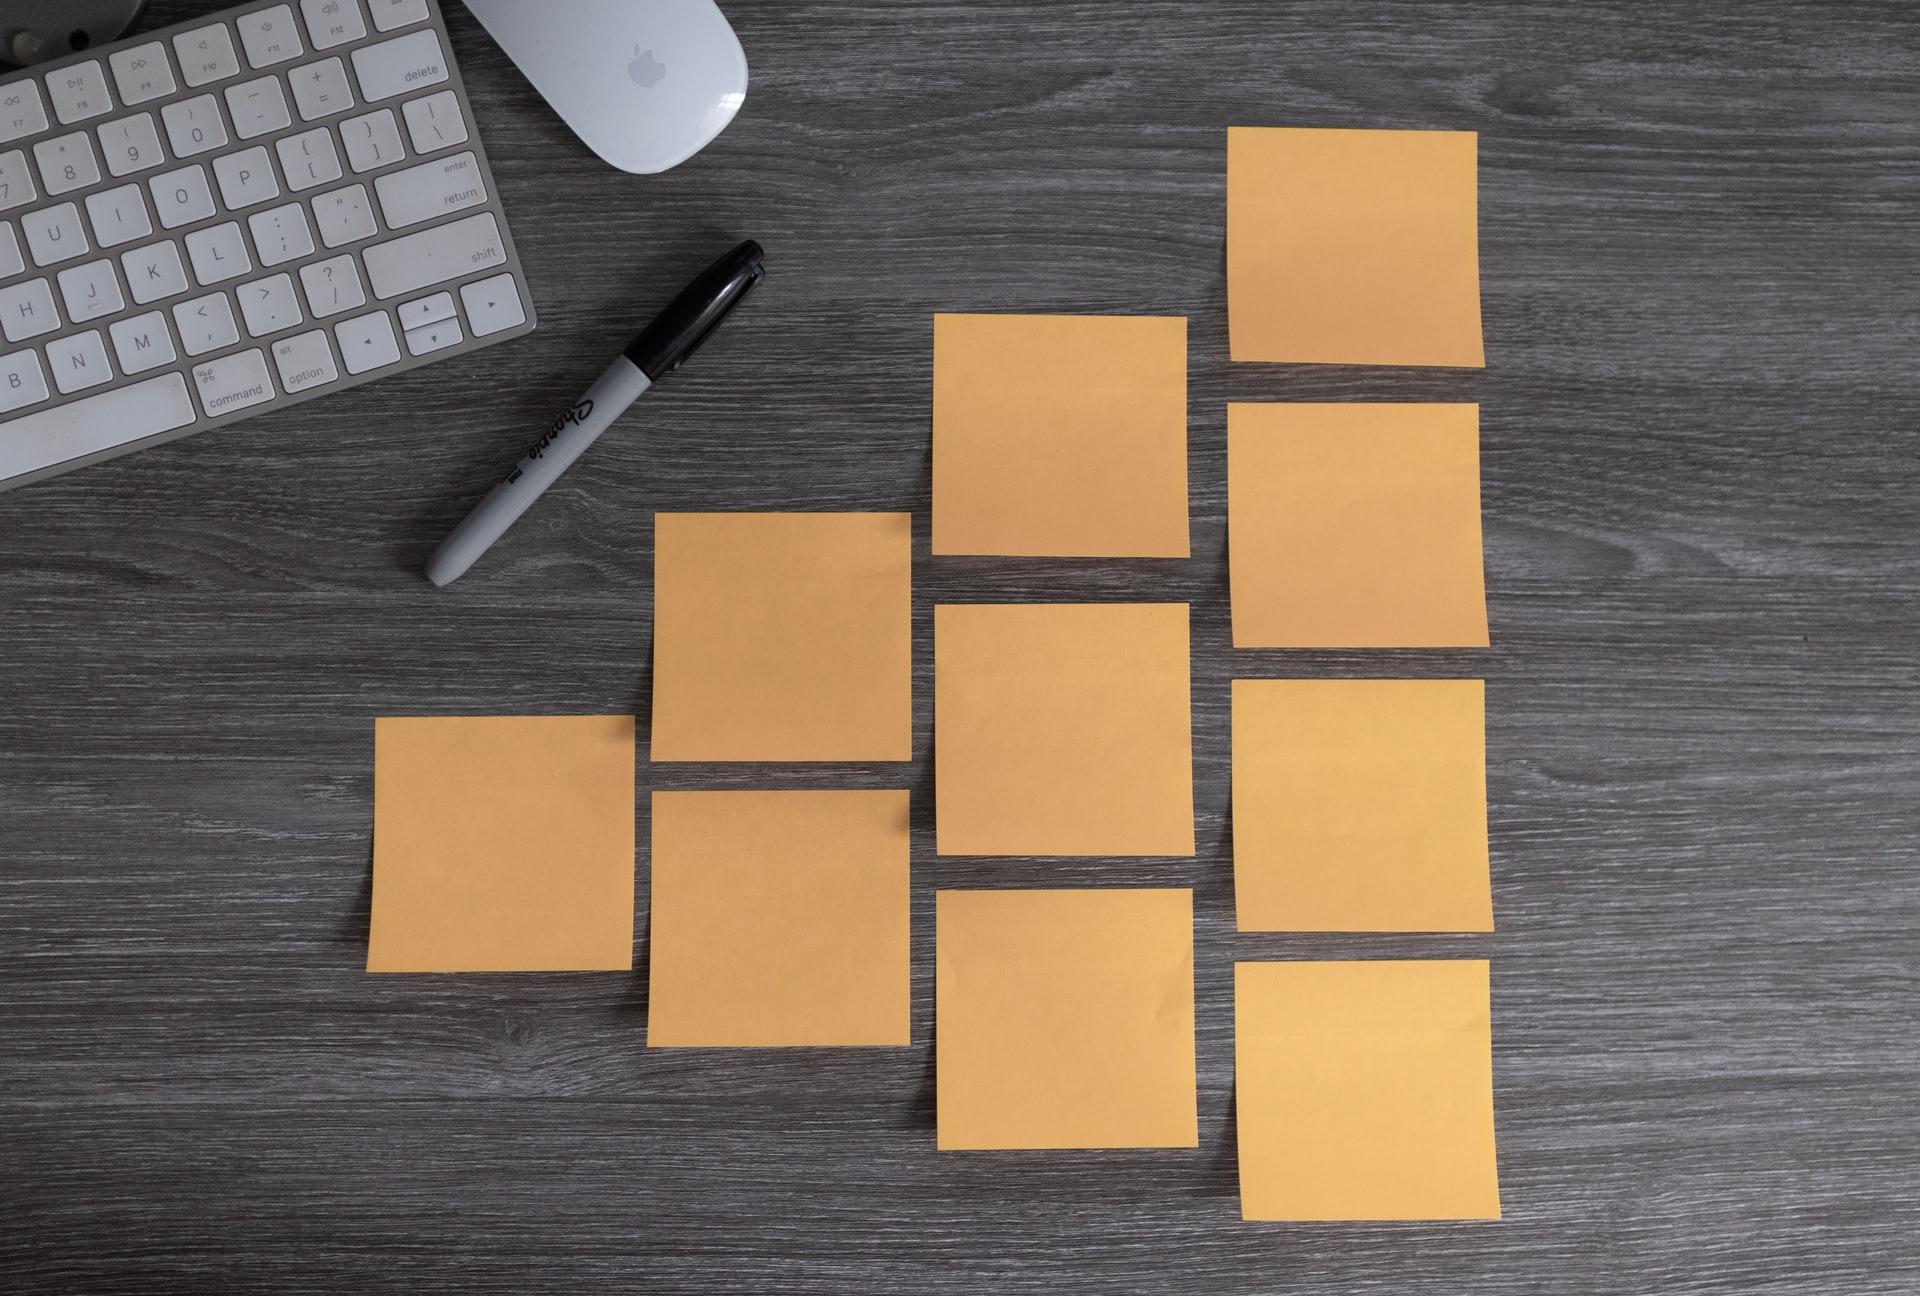 整理されたメモ。分散型のイメージ。